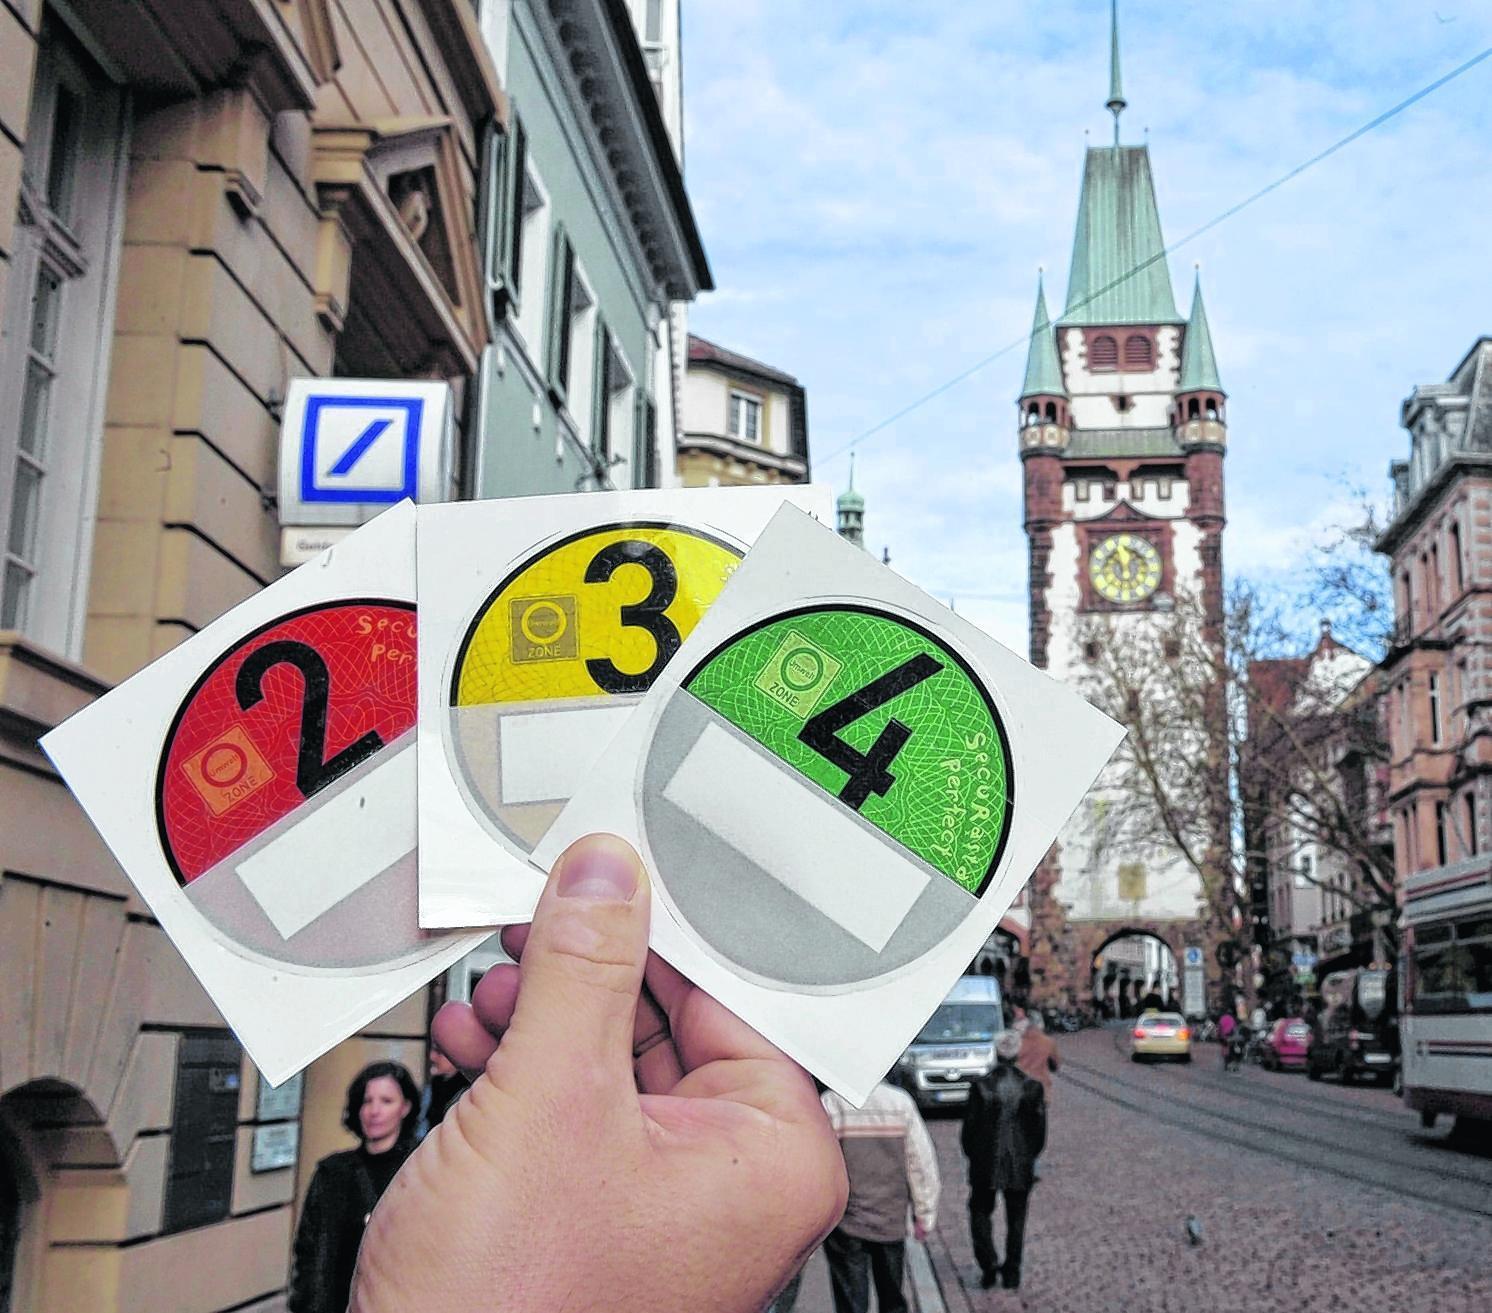 In der Freiburger Altstadt – hier zu sehen das Martinstor – dürfen seit Jahresbeginn nur noch Autos mit grüner oder gelber Plakette fahren. Fahrzeuge mit roter Kennzeichnung sind nun ausgesperrt.